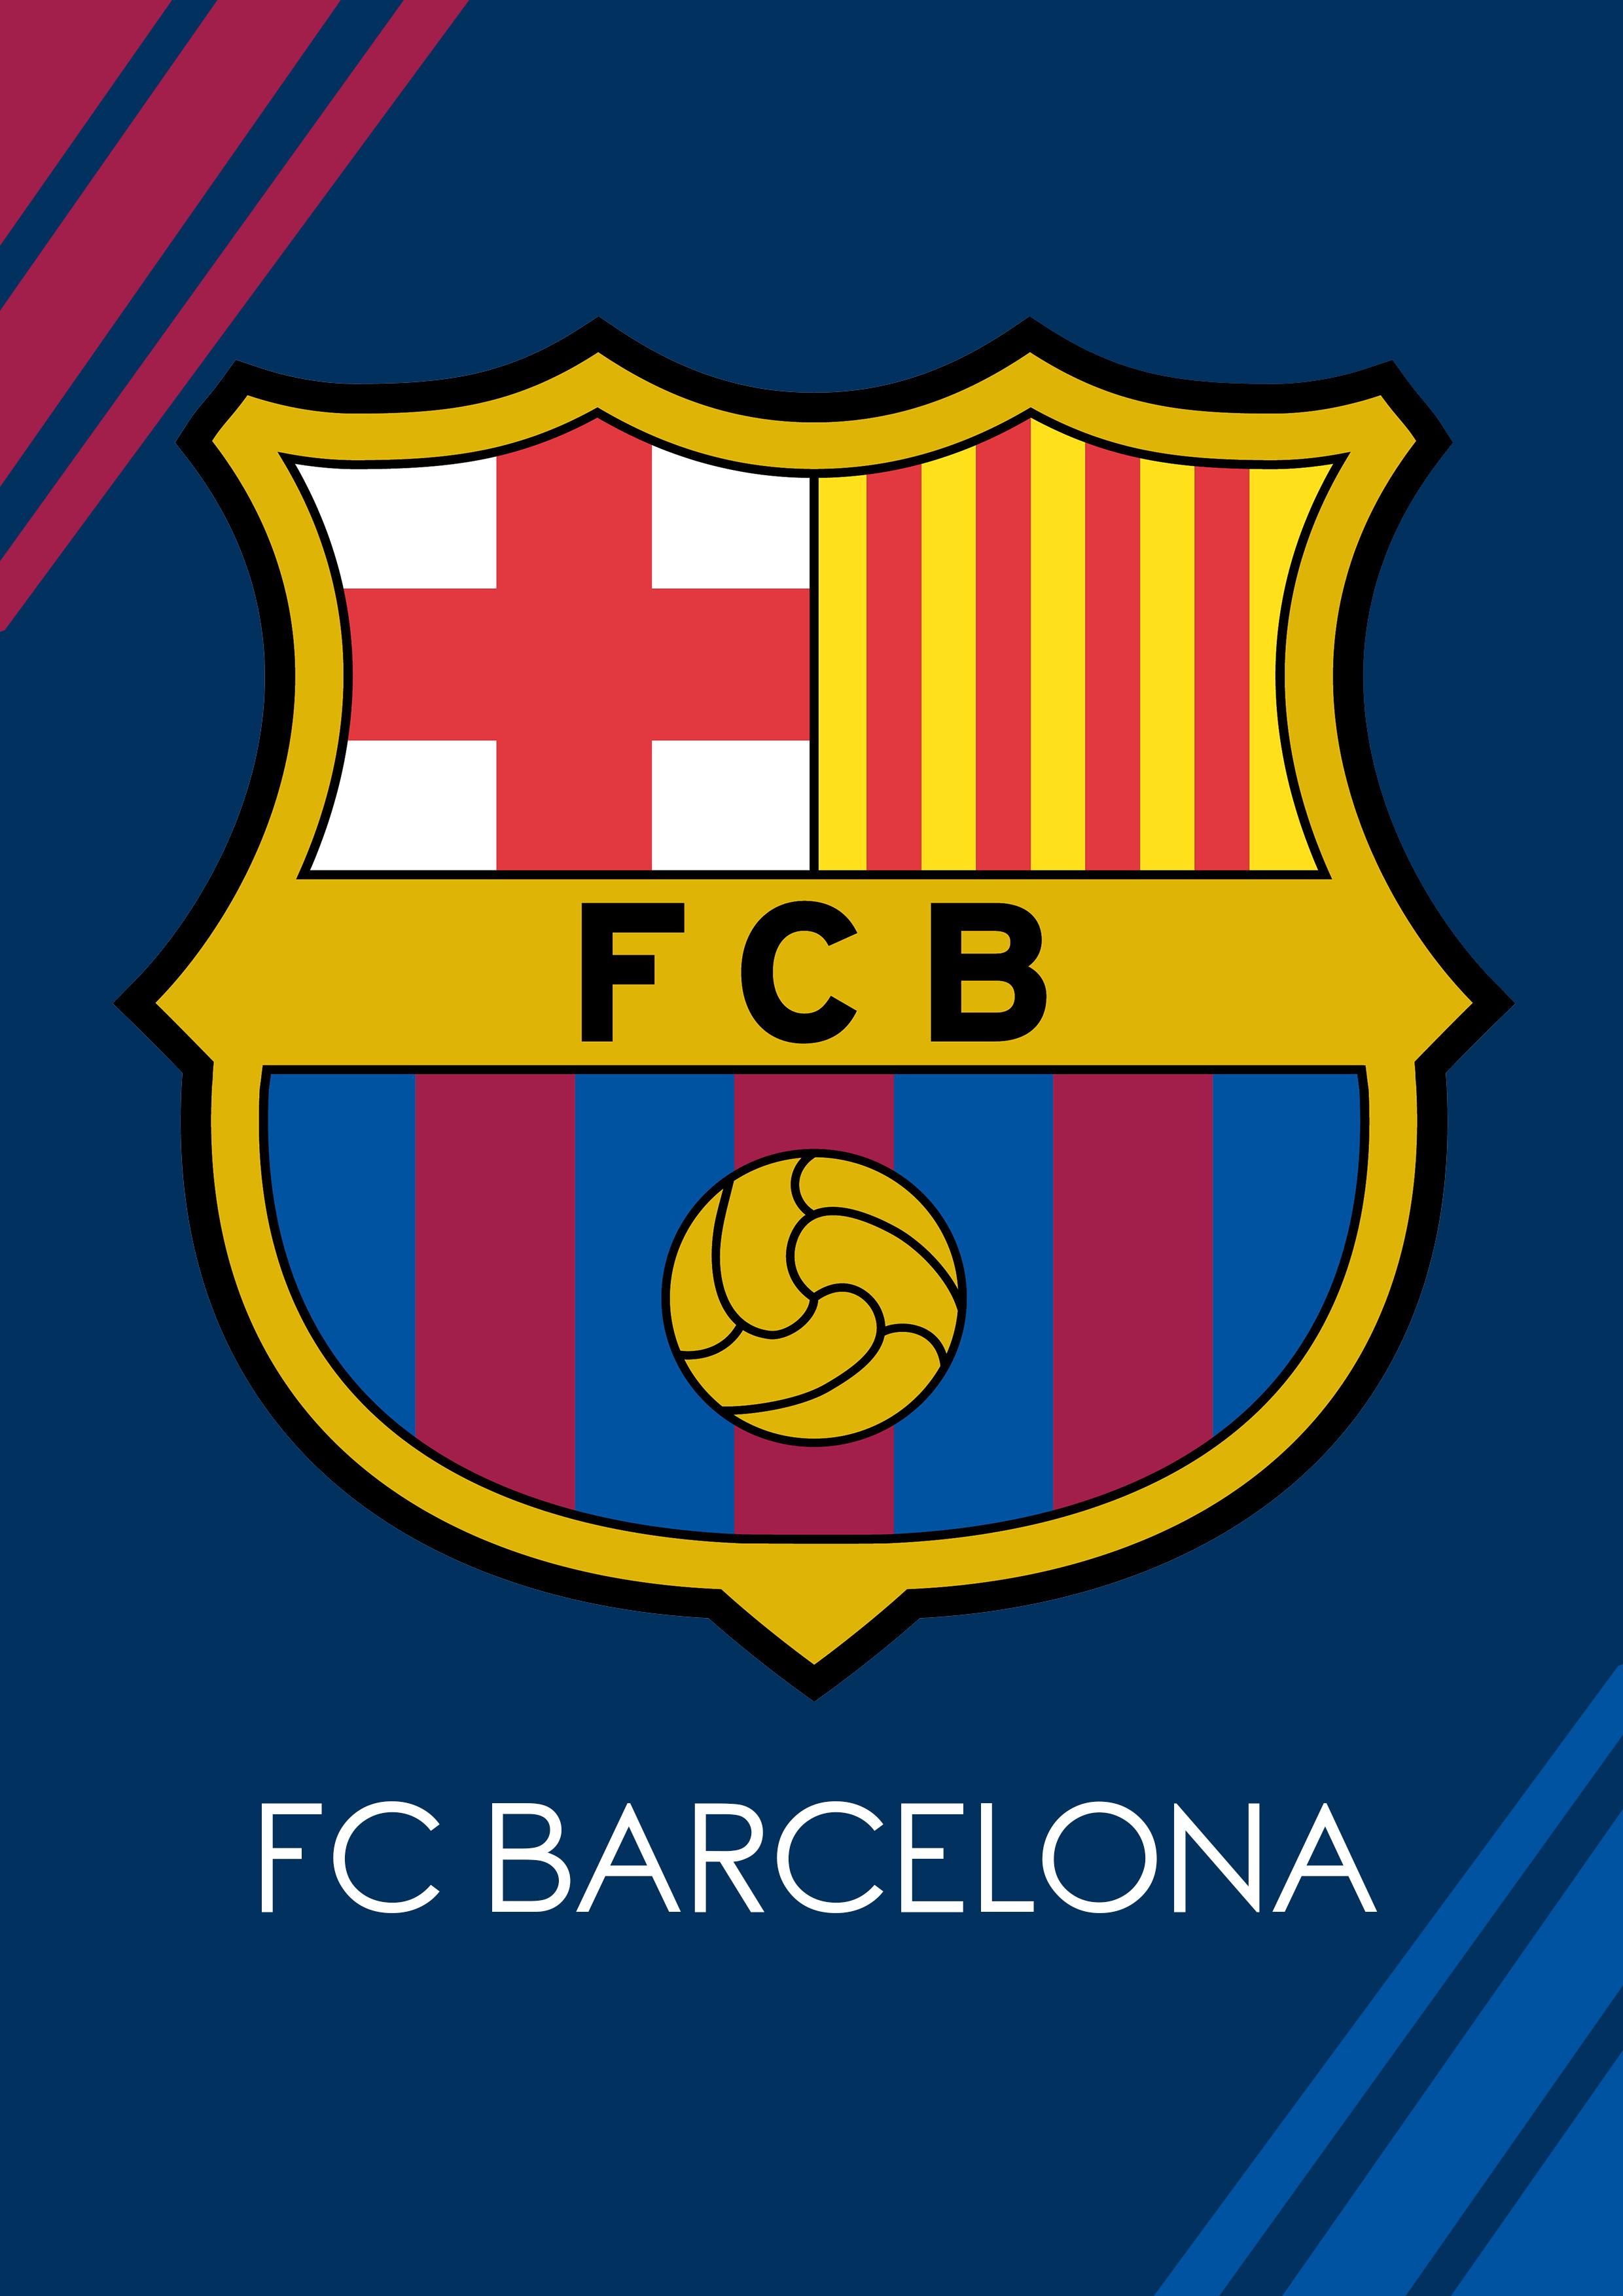 Fc Barcelona La Liga Fc Barcelona Fc Barcelona Wallpapers Et Barcelona